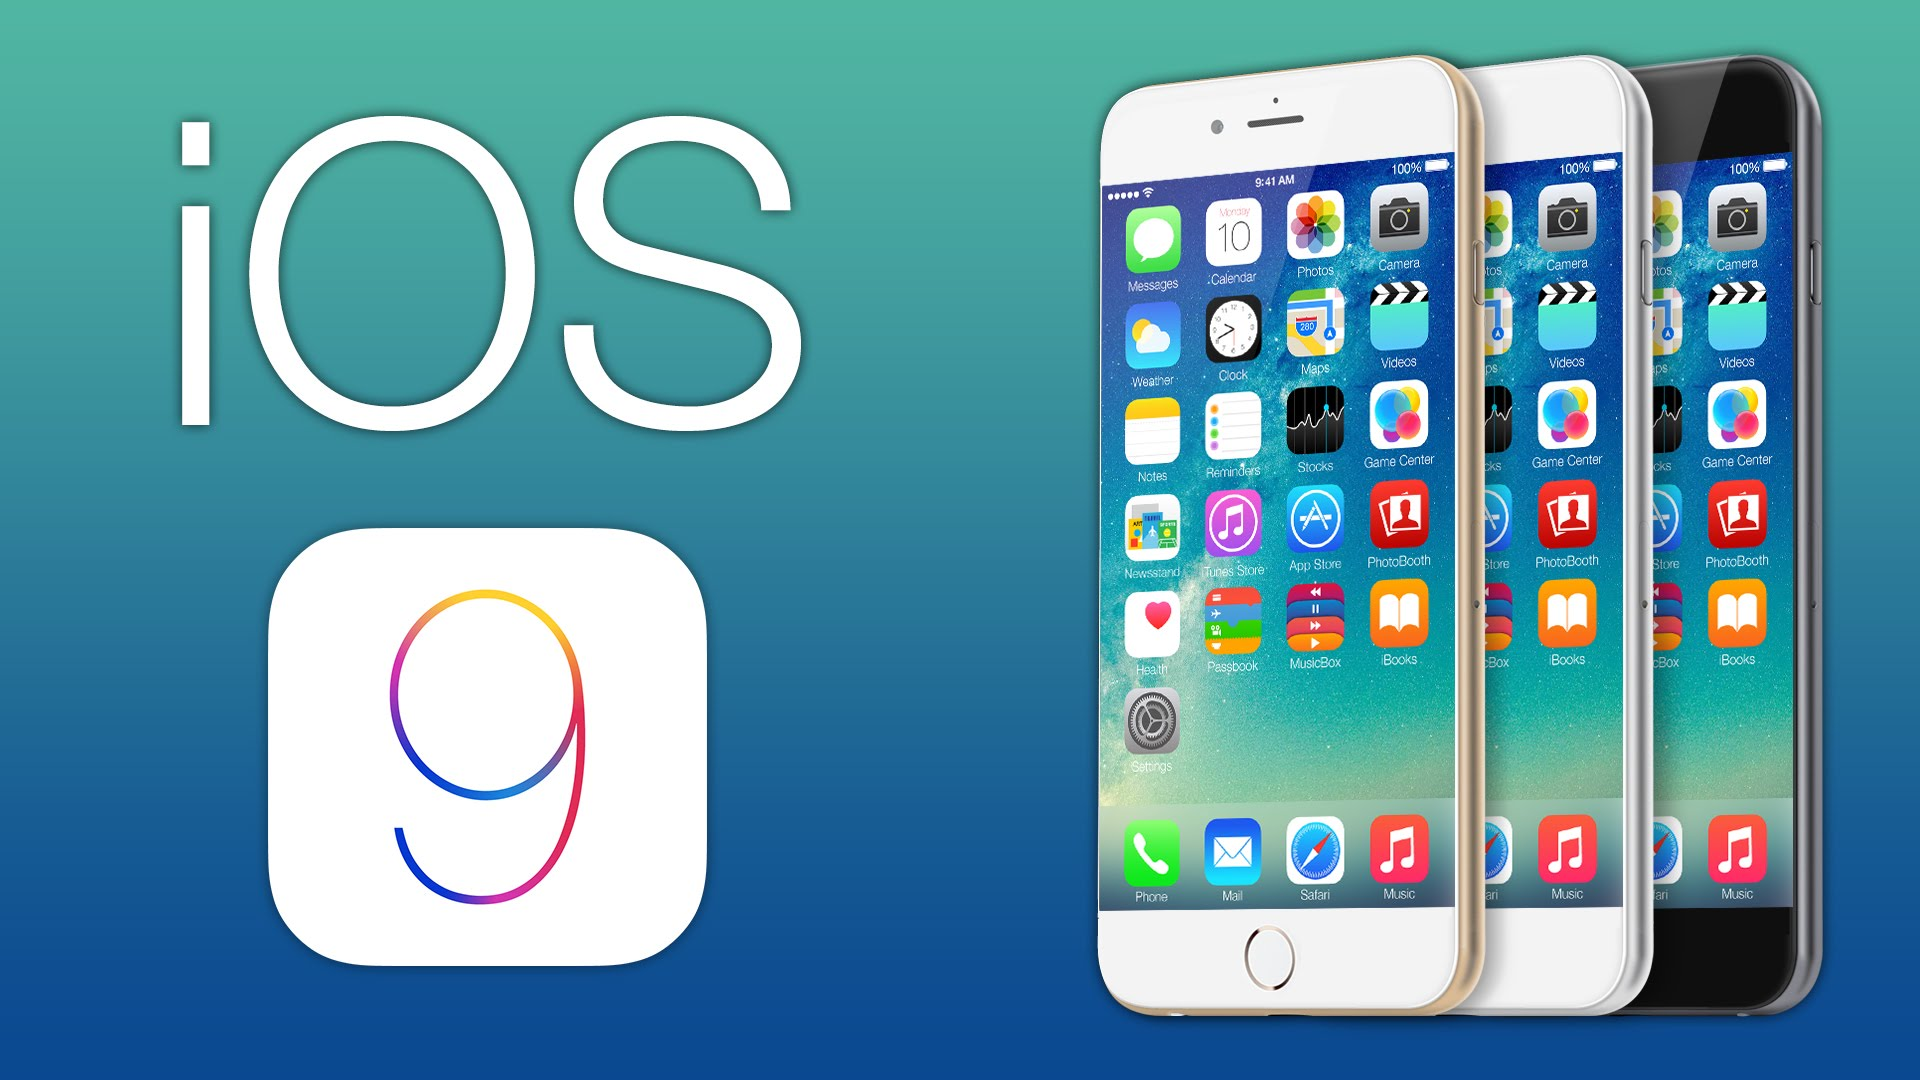 ios 9 nuovo sistema operativo apple con prestazioni migliorate novit 224 e caratteristiche